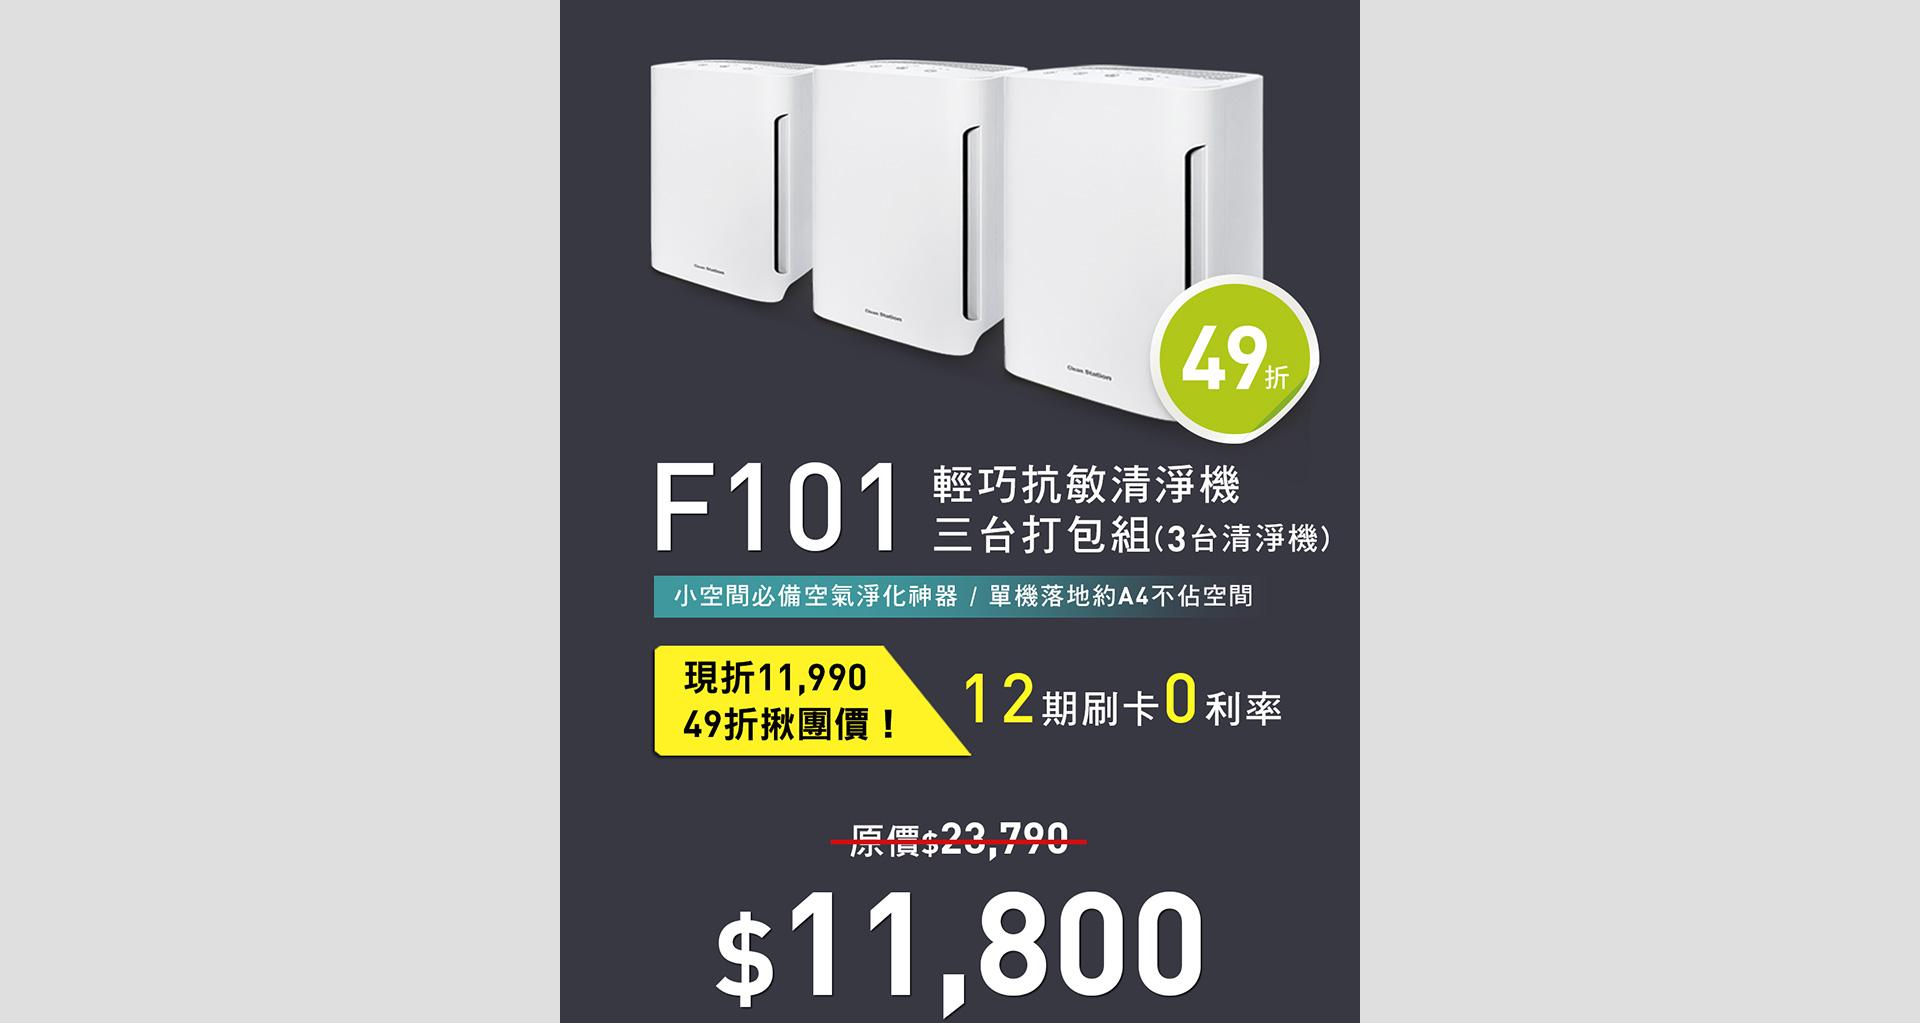 f101_14周年慶-Mobile版_20191104_V4_pc_16